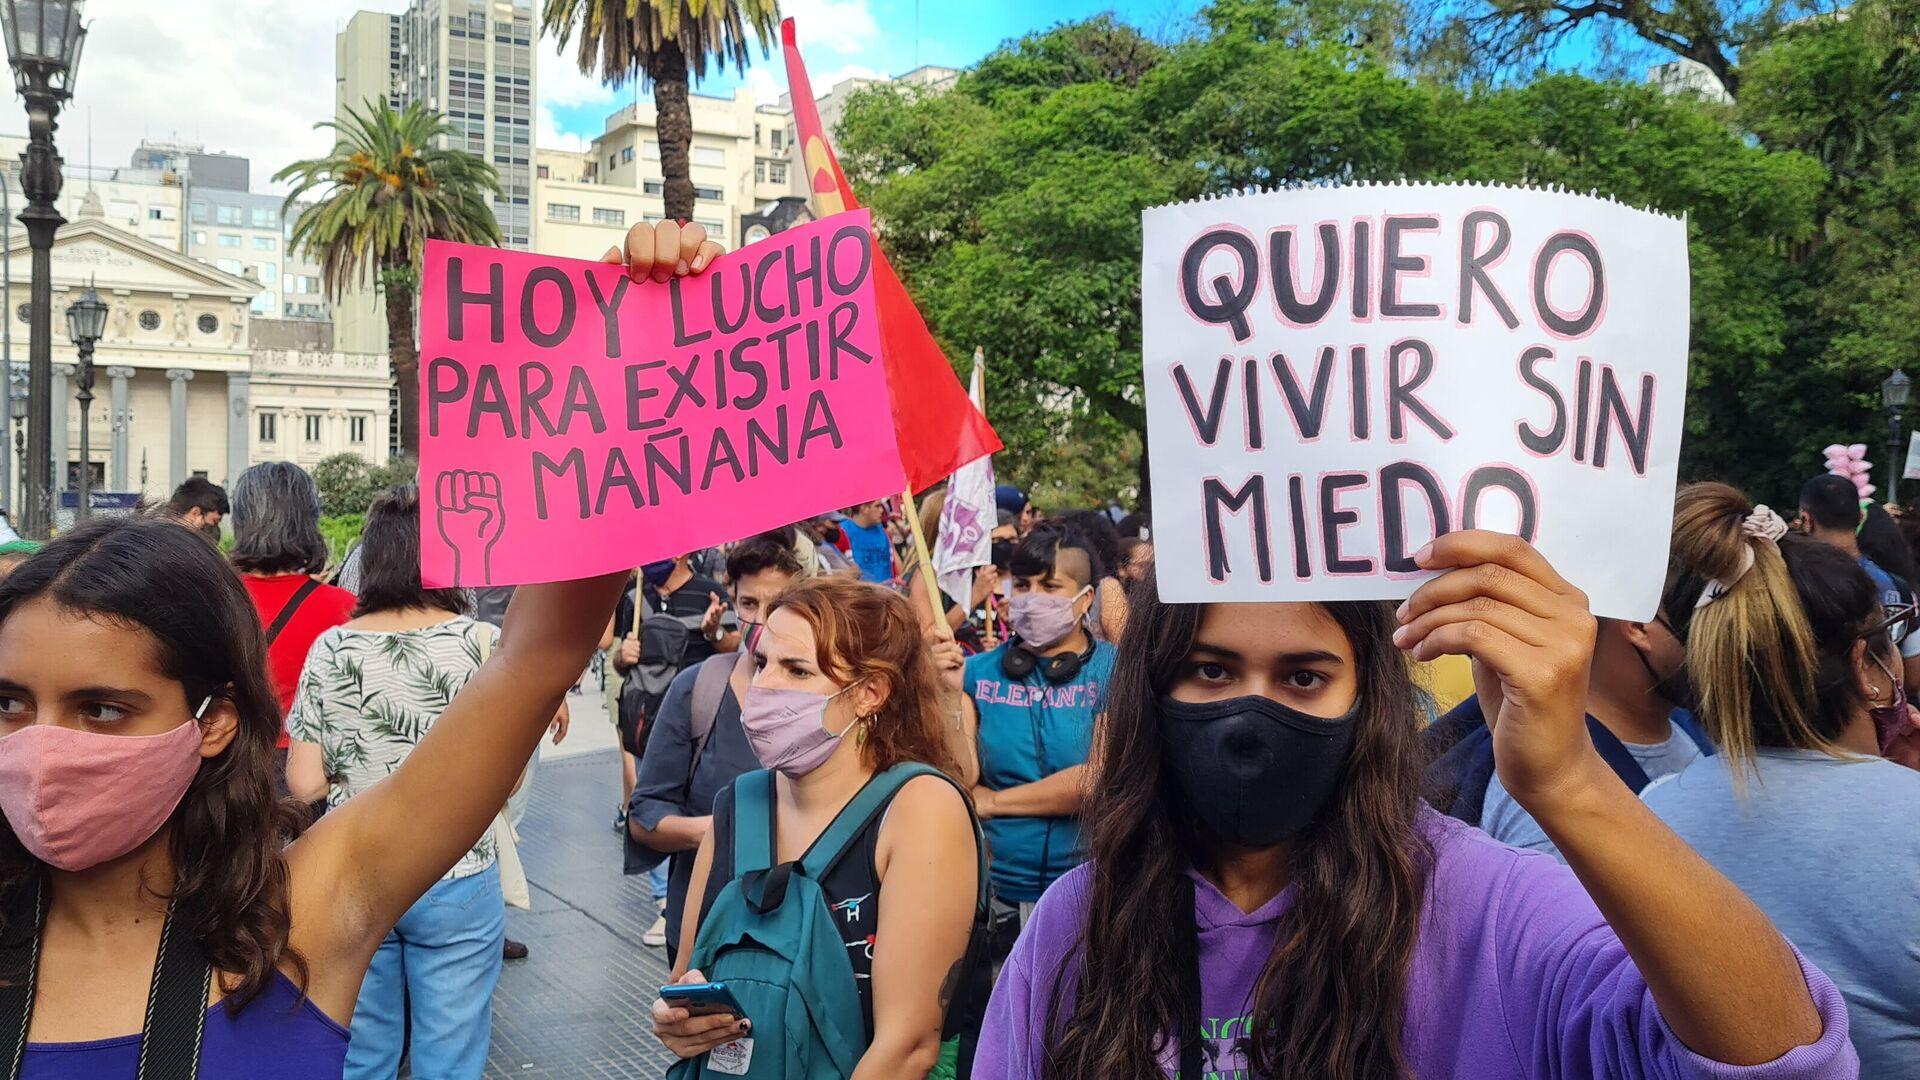 Miles de mujeres reclamaron frente al Palacio de Tribunales para exigir acciones al Estado para frenar los femicidios  - Sputnik Mundo, 1920, 25.02.2021